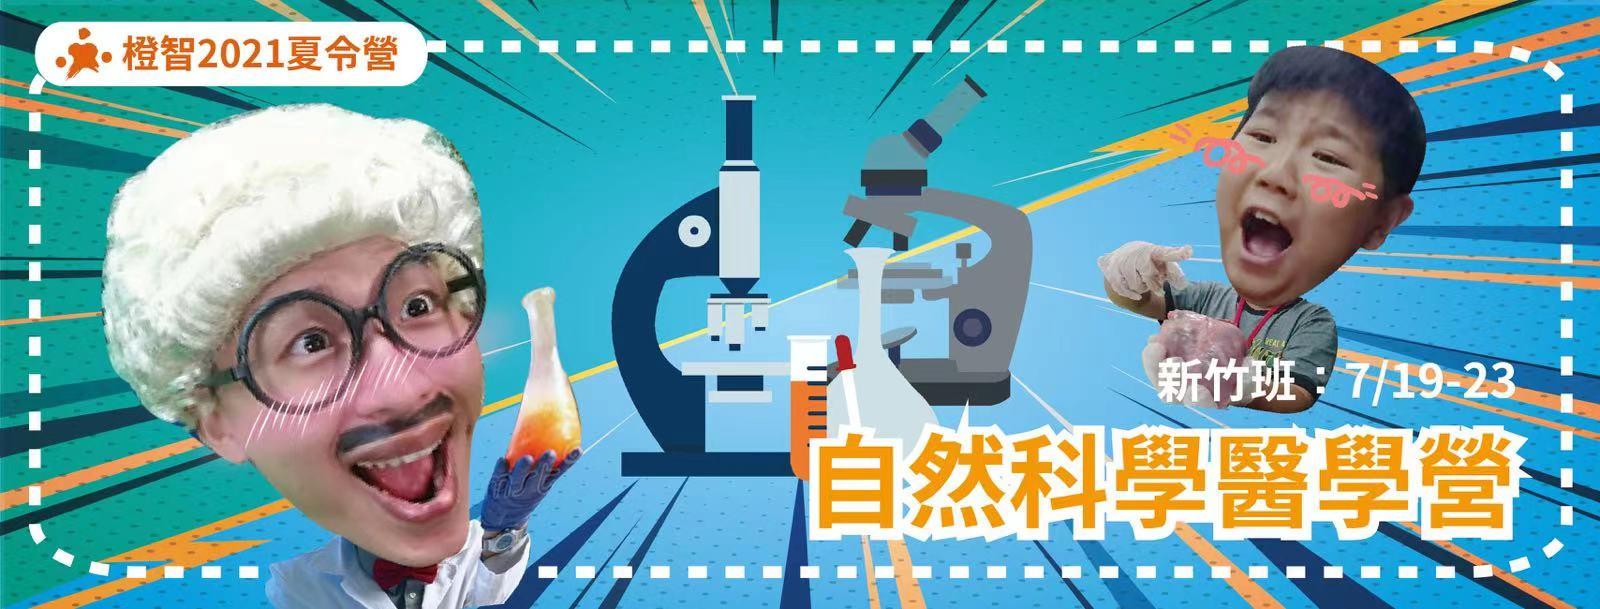 2021夏令營-自然科學醫學營(兒童青少年營隊)